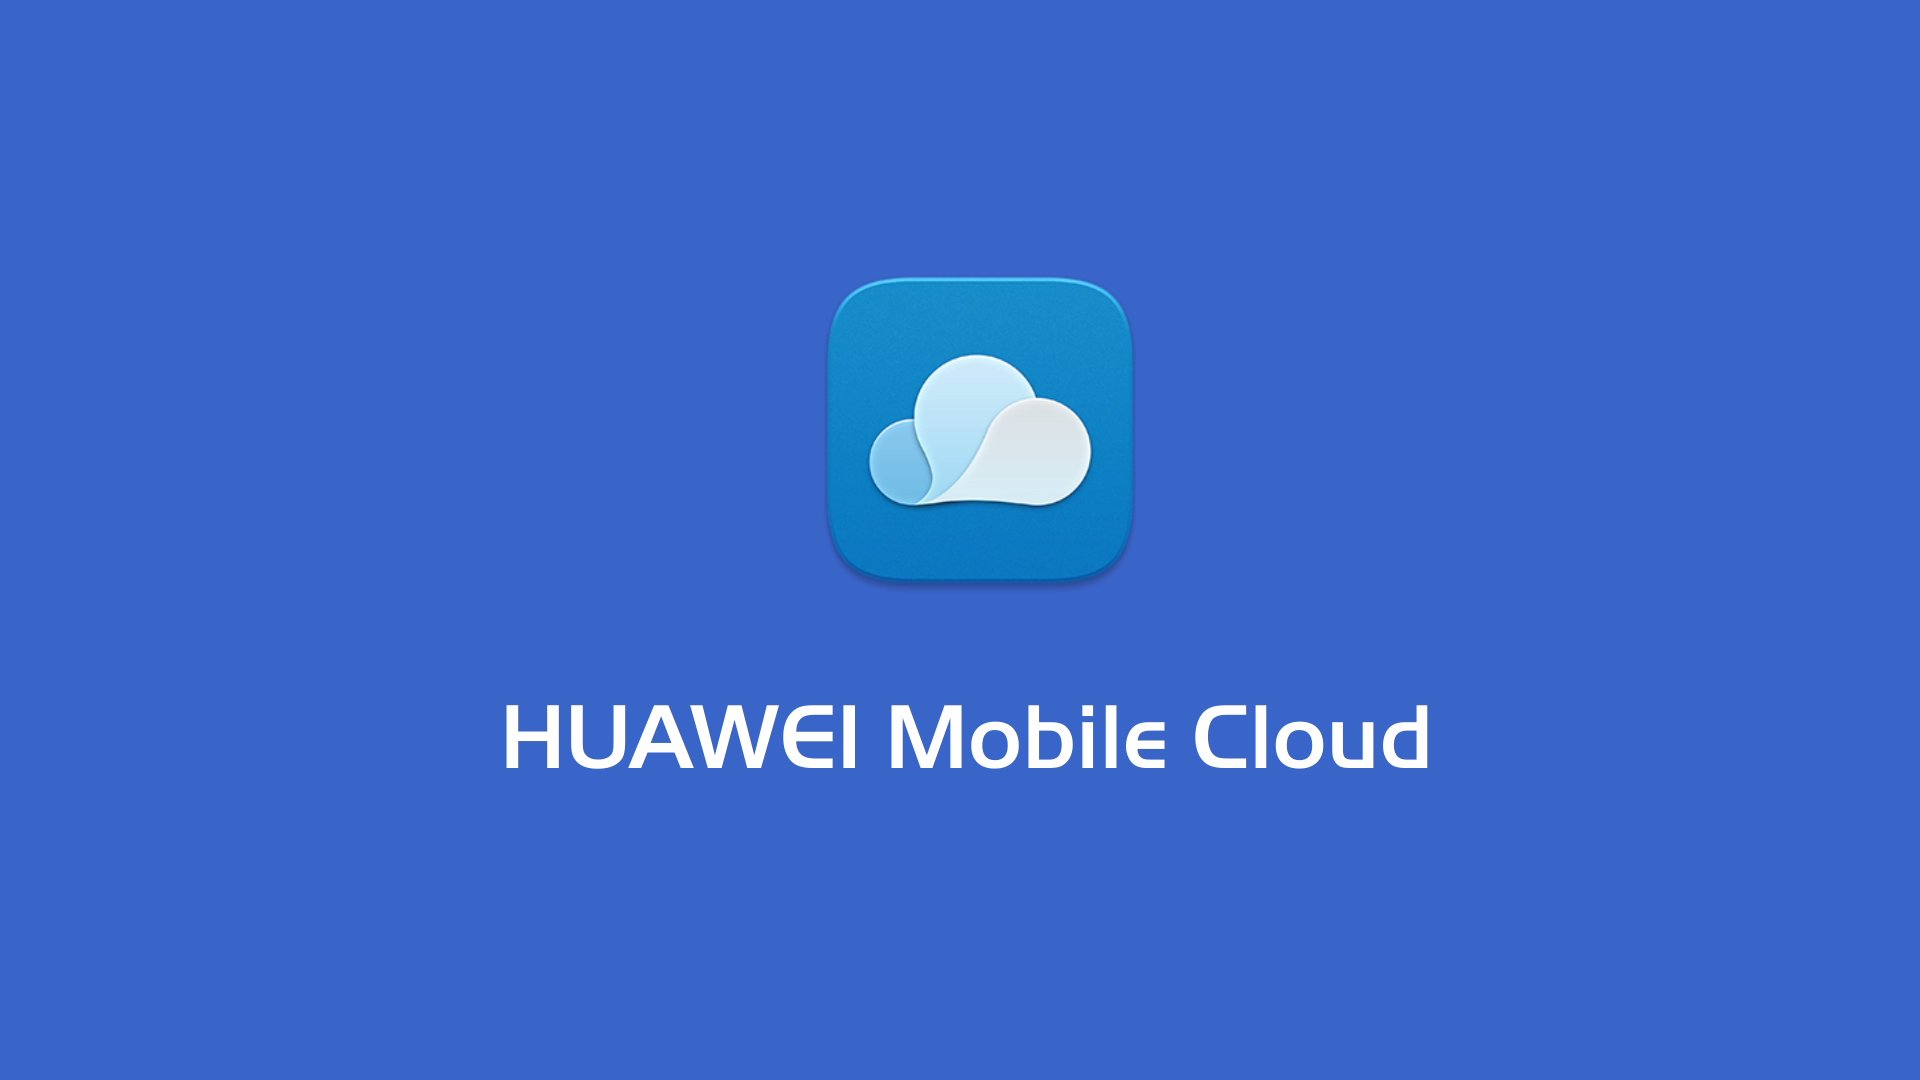 Prognozowany wzrost zachmurzenia ze wschodu – Huawei Cloud wreszcie z możliwością dokupienia większej przestrzeni 21